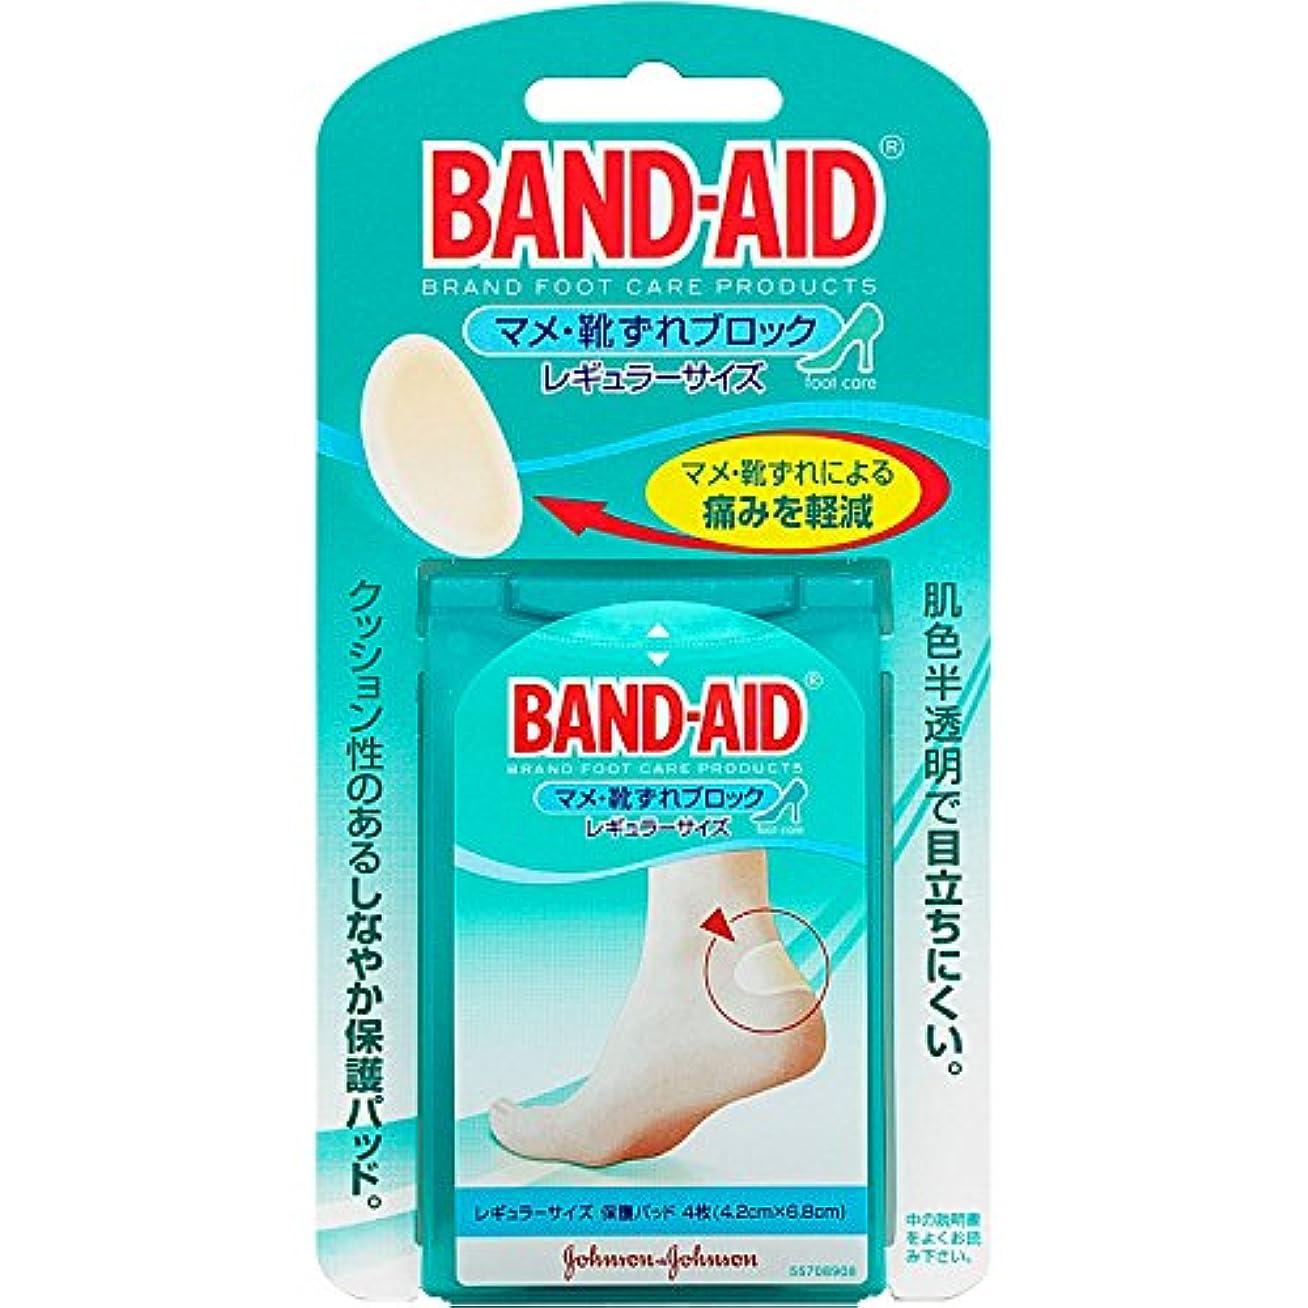 西部ジェム予報BAND-AID(バンドエイド) マメ?靴ずれブロック レギュラーサイズ 4枚